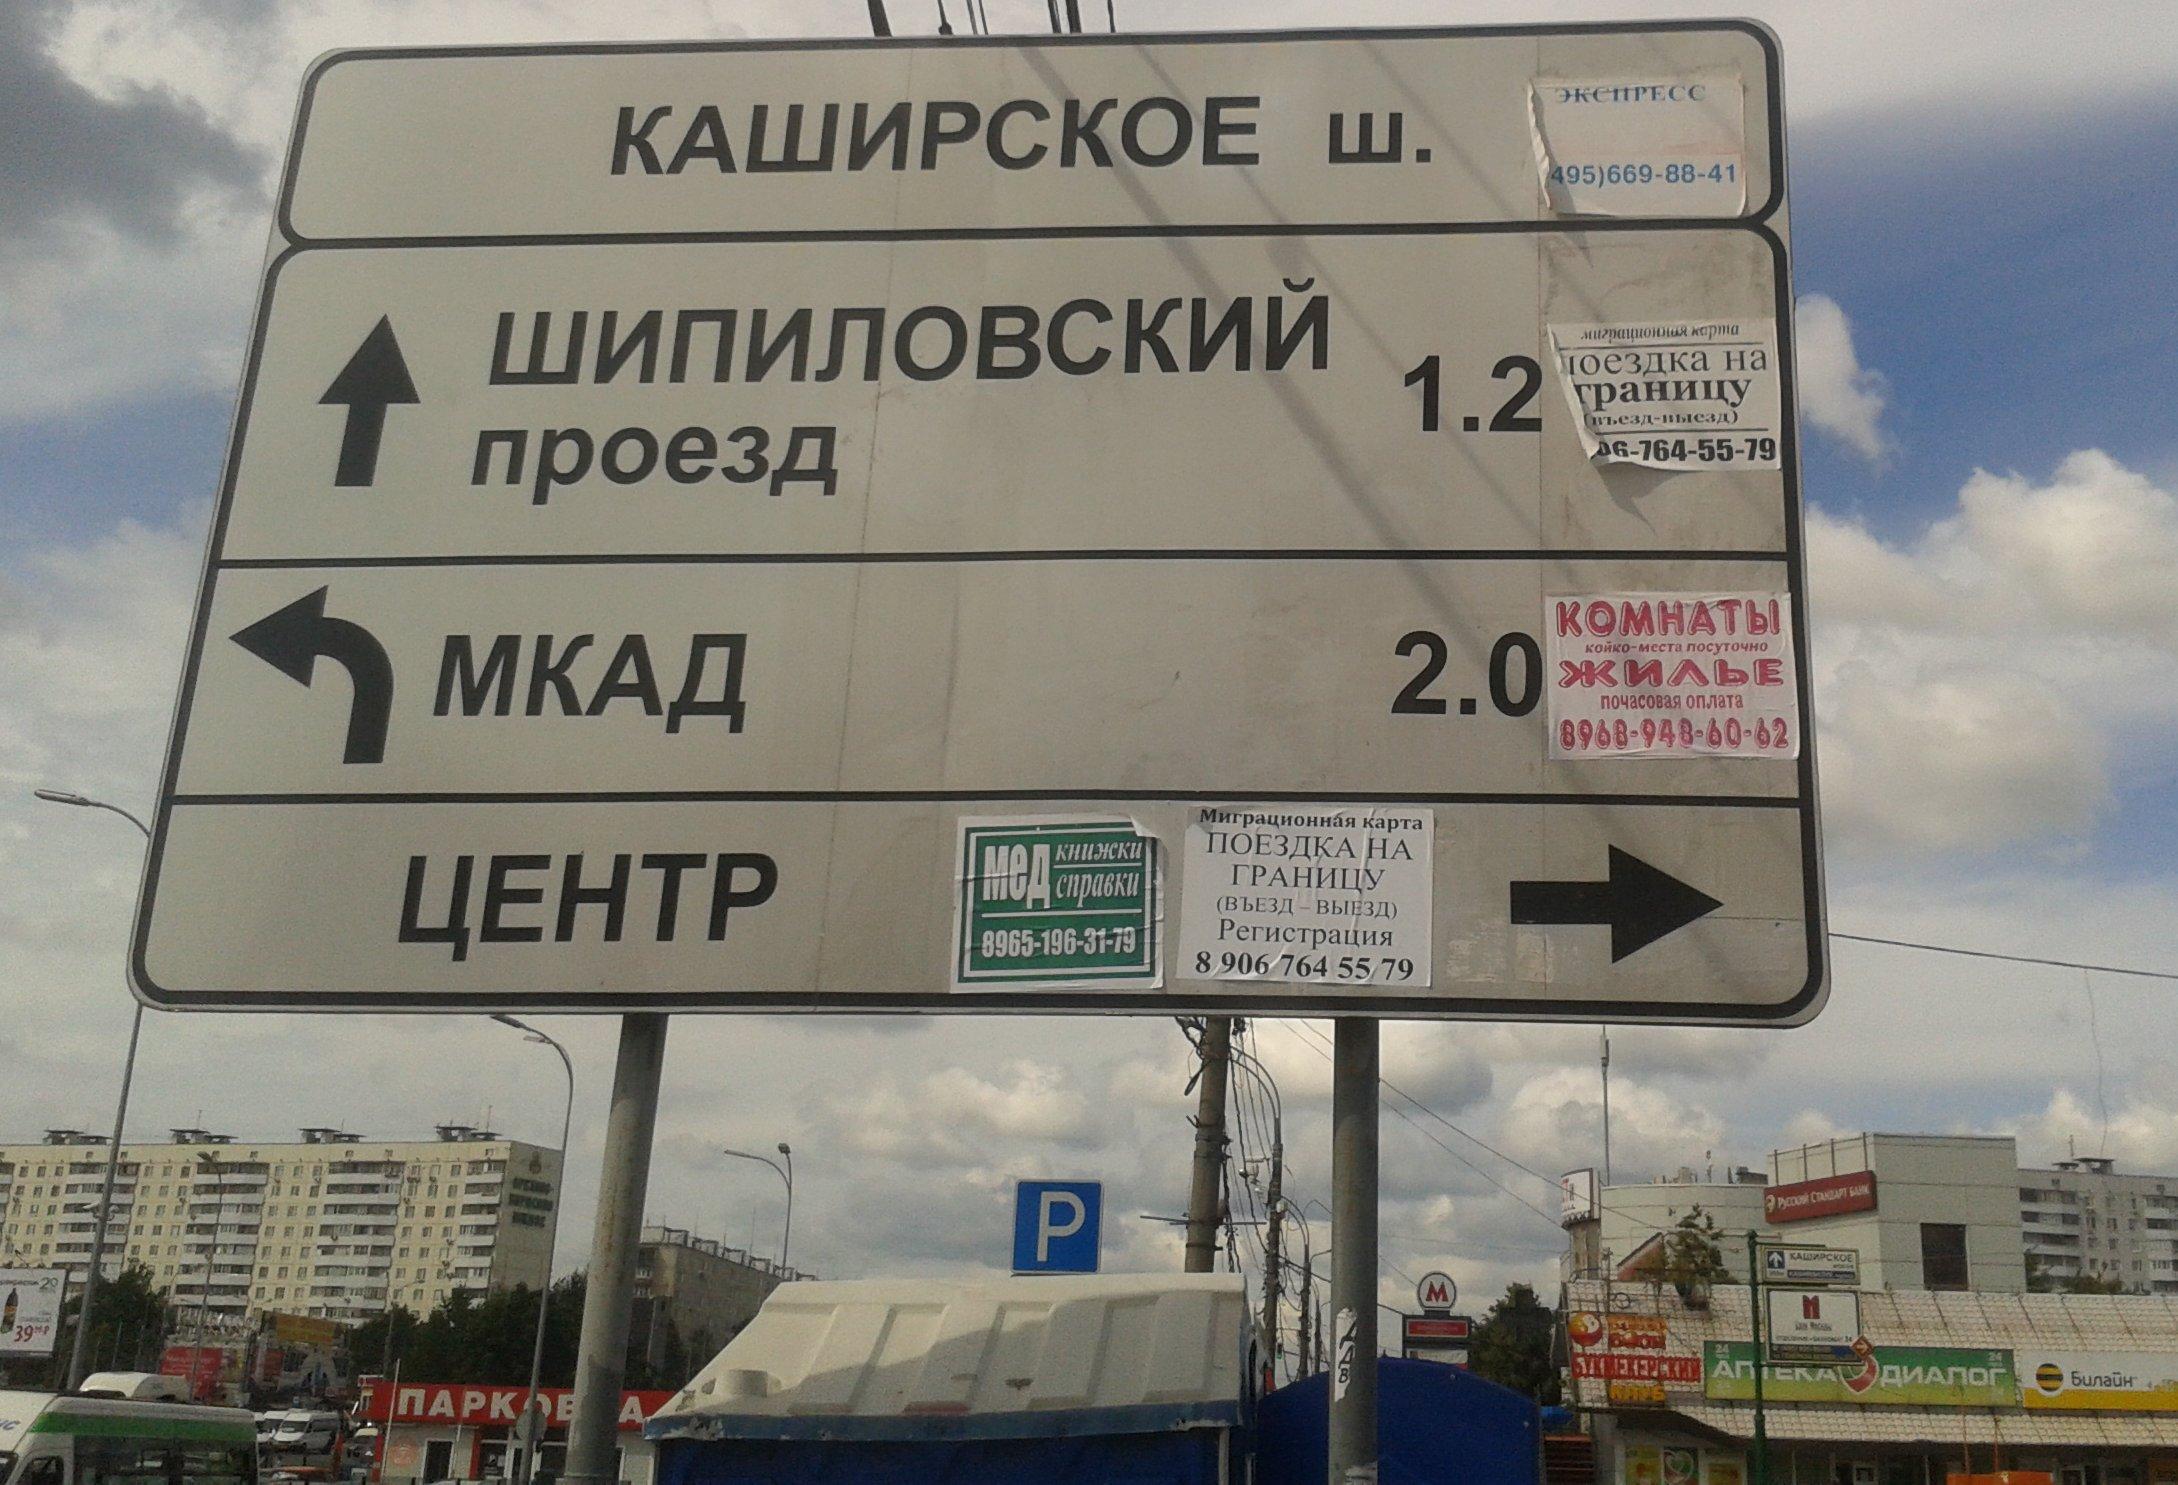 Незаконная реклама на дорожных указателях в г. Москве. Эксперимент показал,  что время реагирования соответствующих структур составляет меньше 24 часов. 3e6664187cf